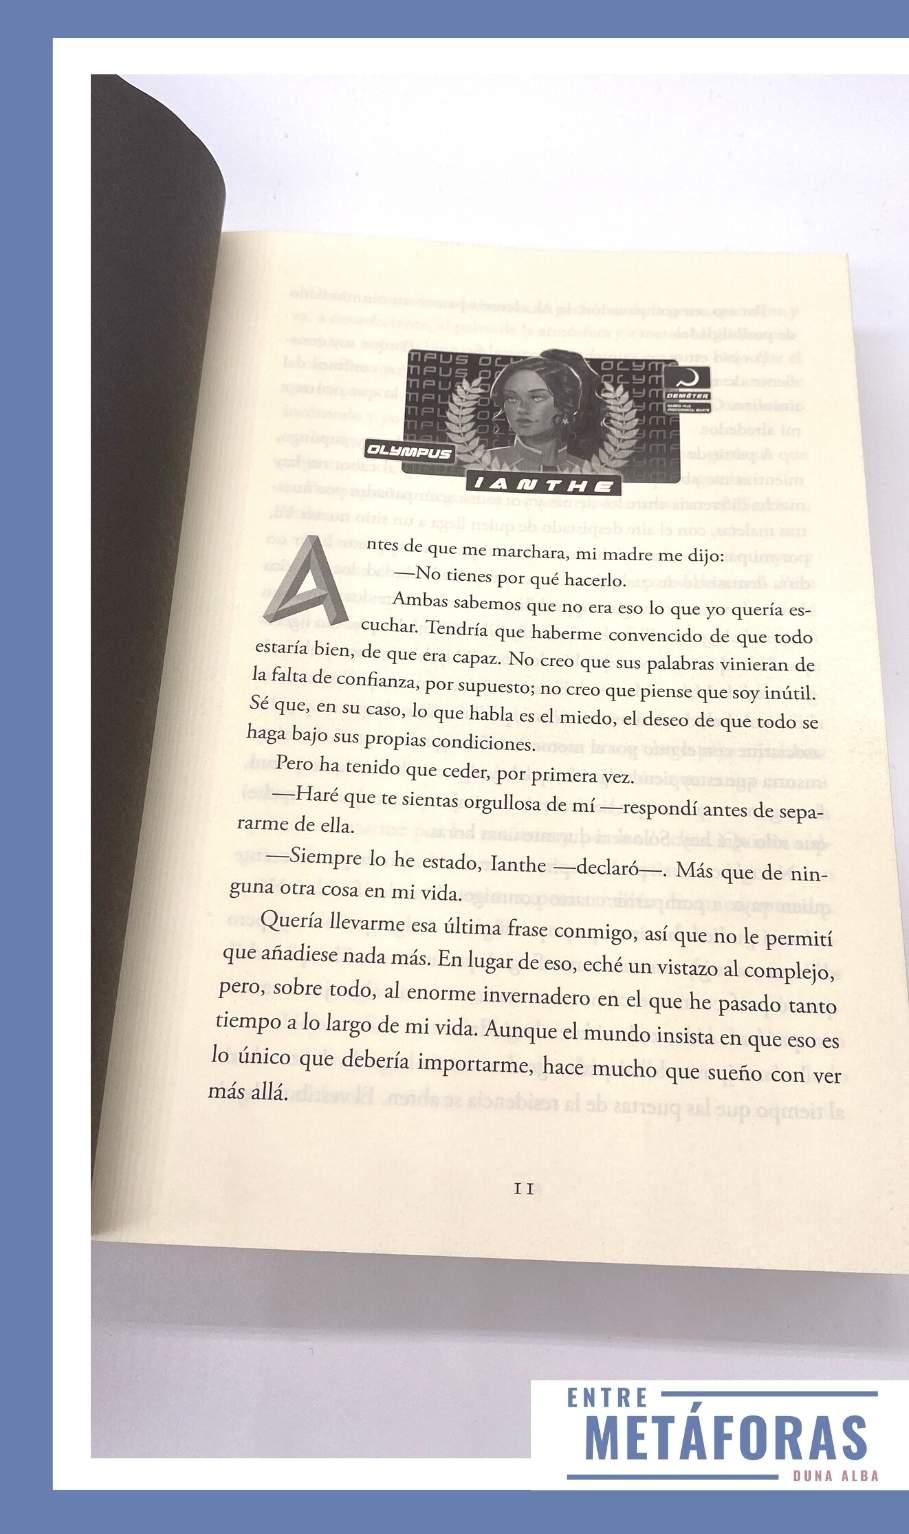 La flor y la muerte, de Iria G. Parente y Selene M. Pascual